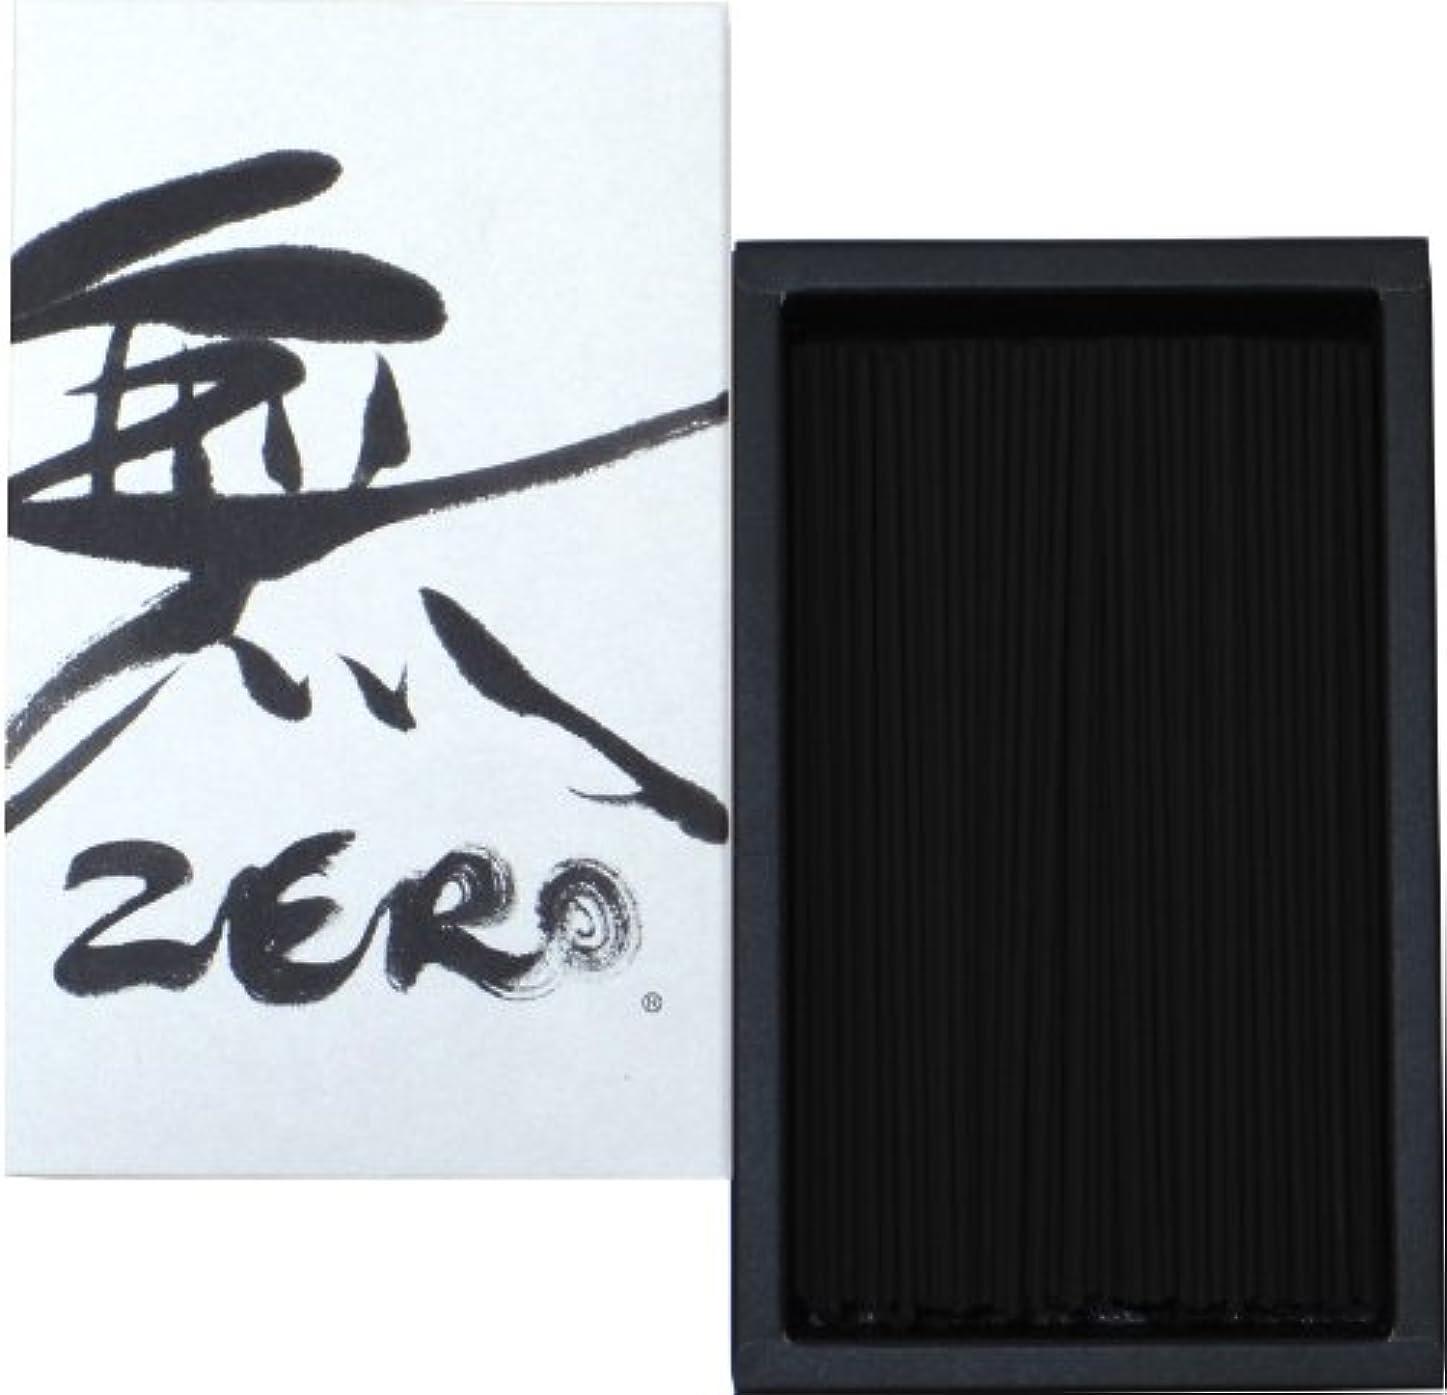 前売ユーモアディスク丸叶むらたのお線香 無 ZERO(ゼロ)大バラ 約160g #ZR-01